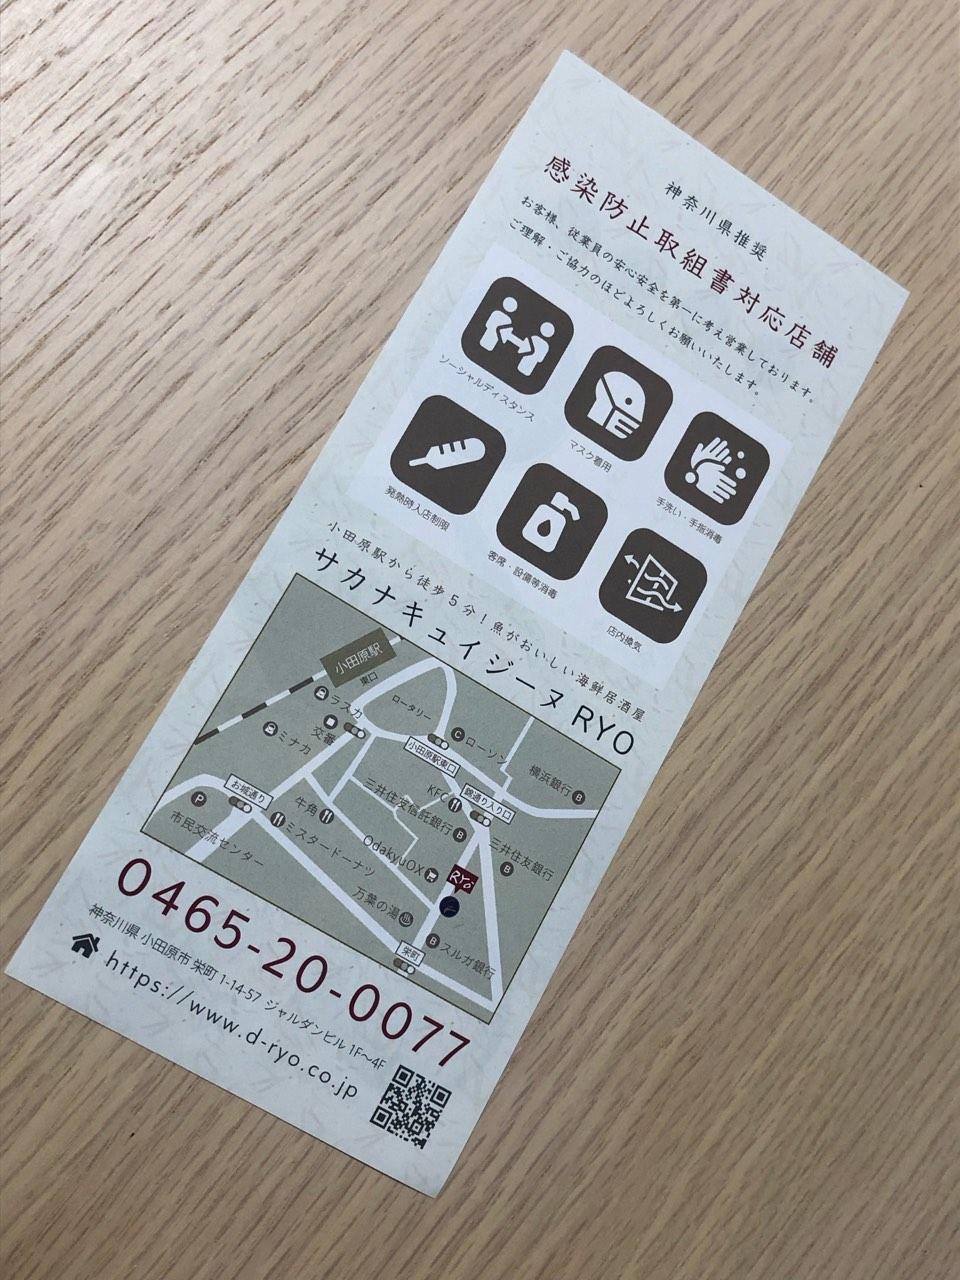 神奈川県推奨感染防止取組書対応店舗